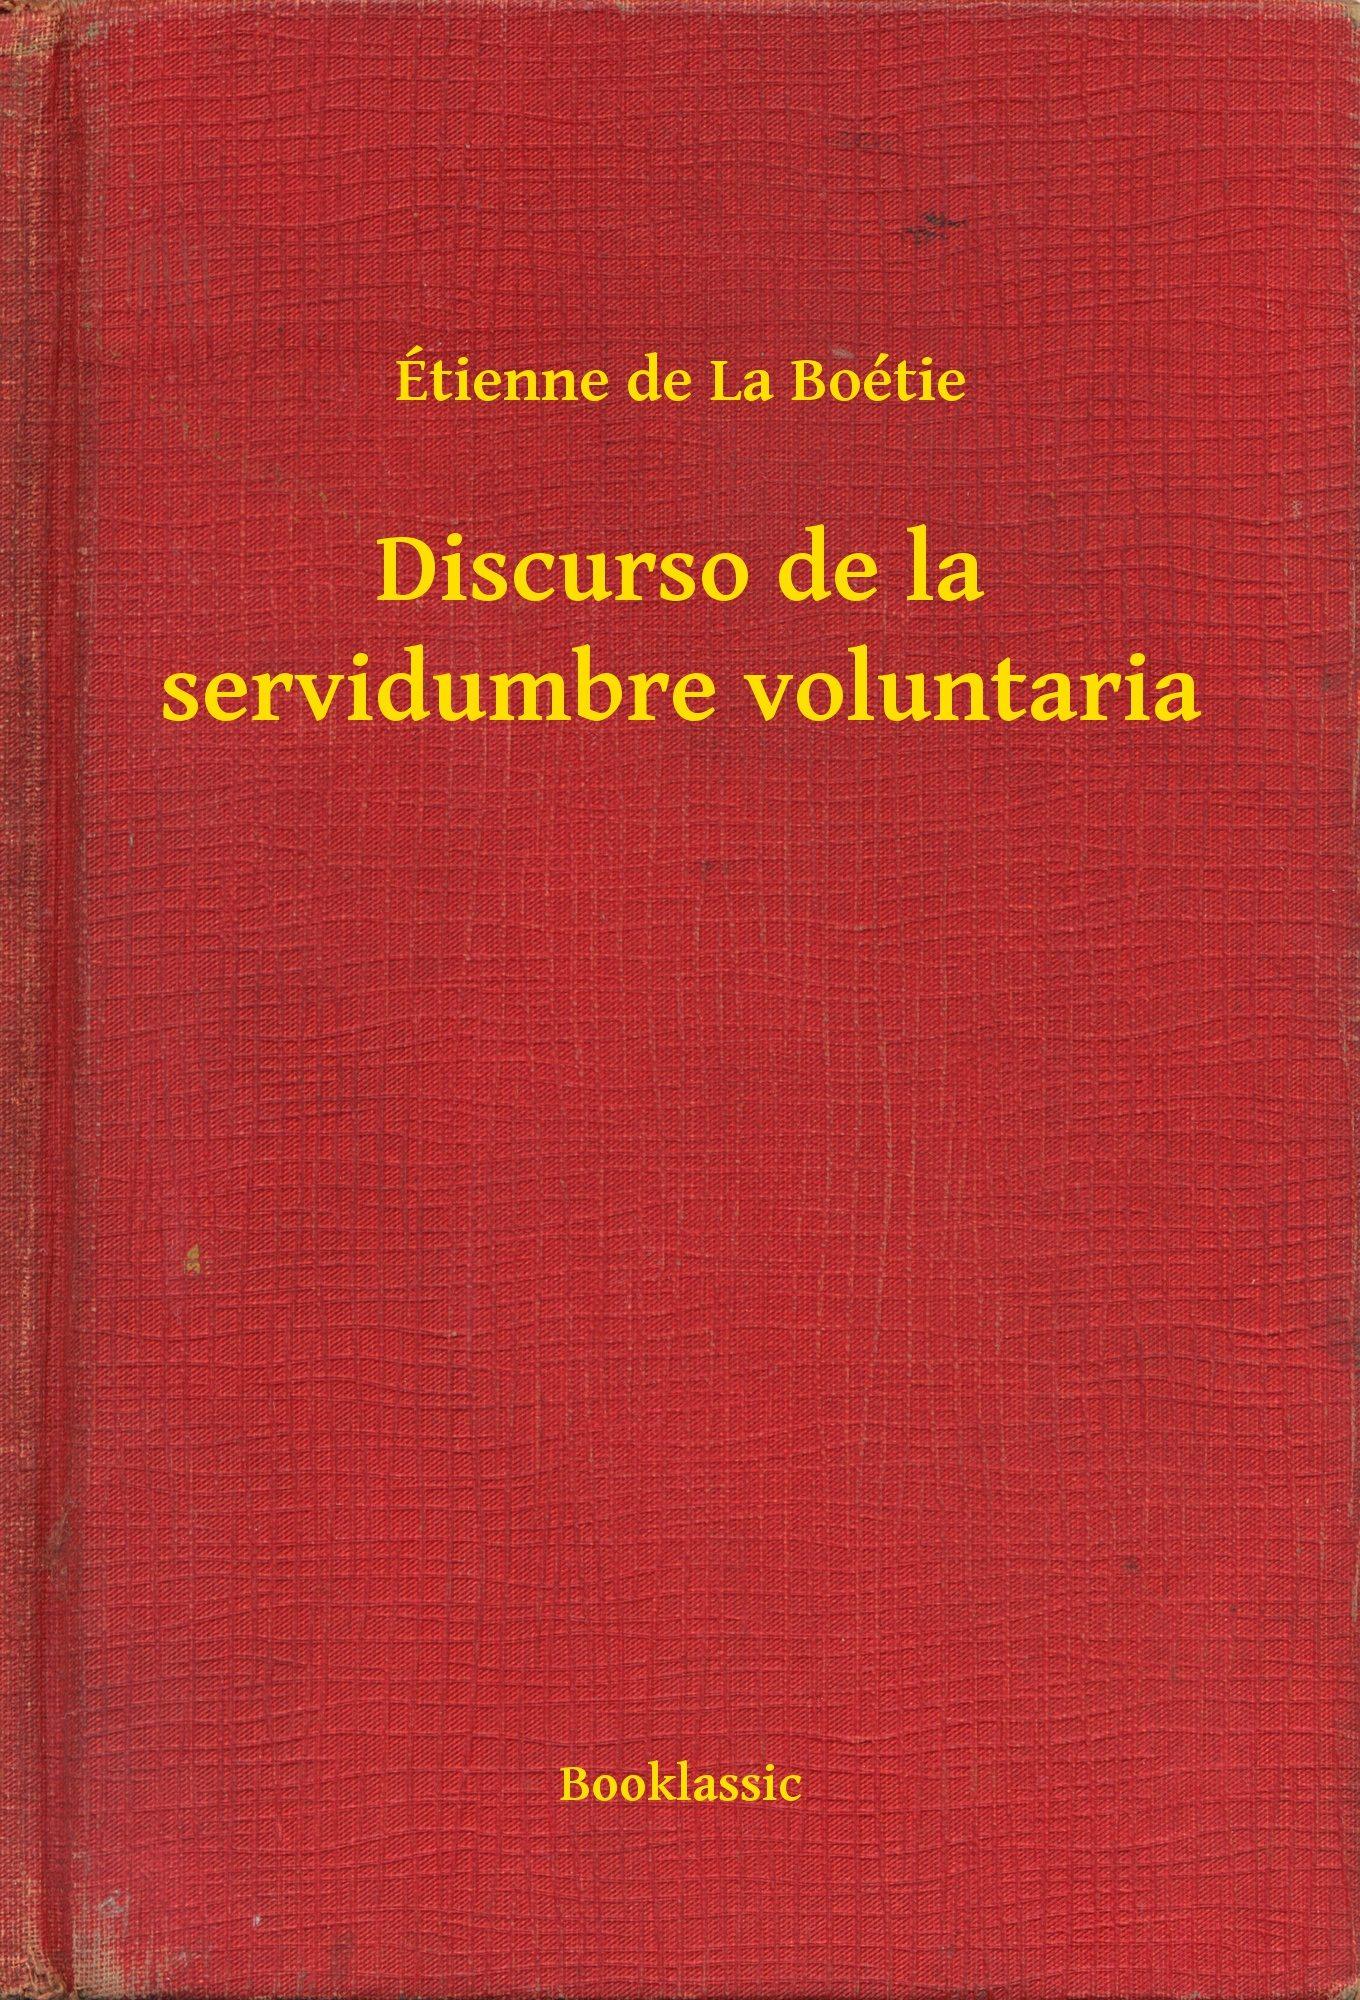 Resultado de imagen para servidumbre voluntaria etienne de la boetie